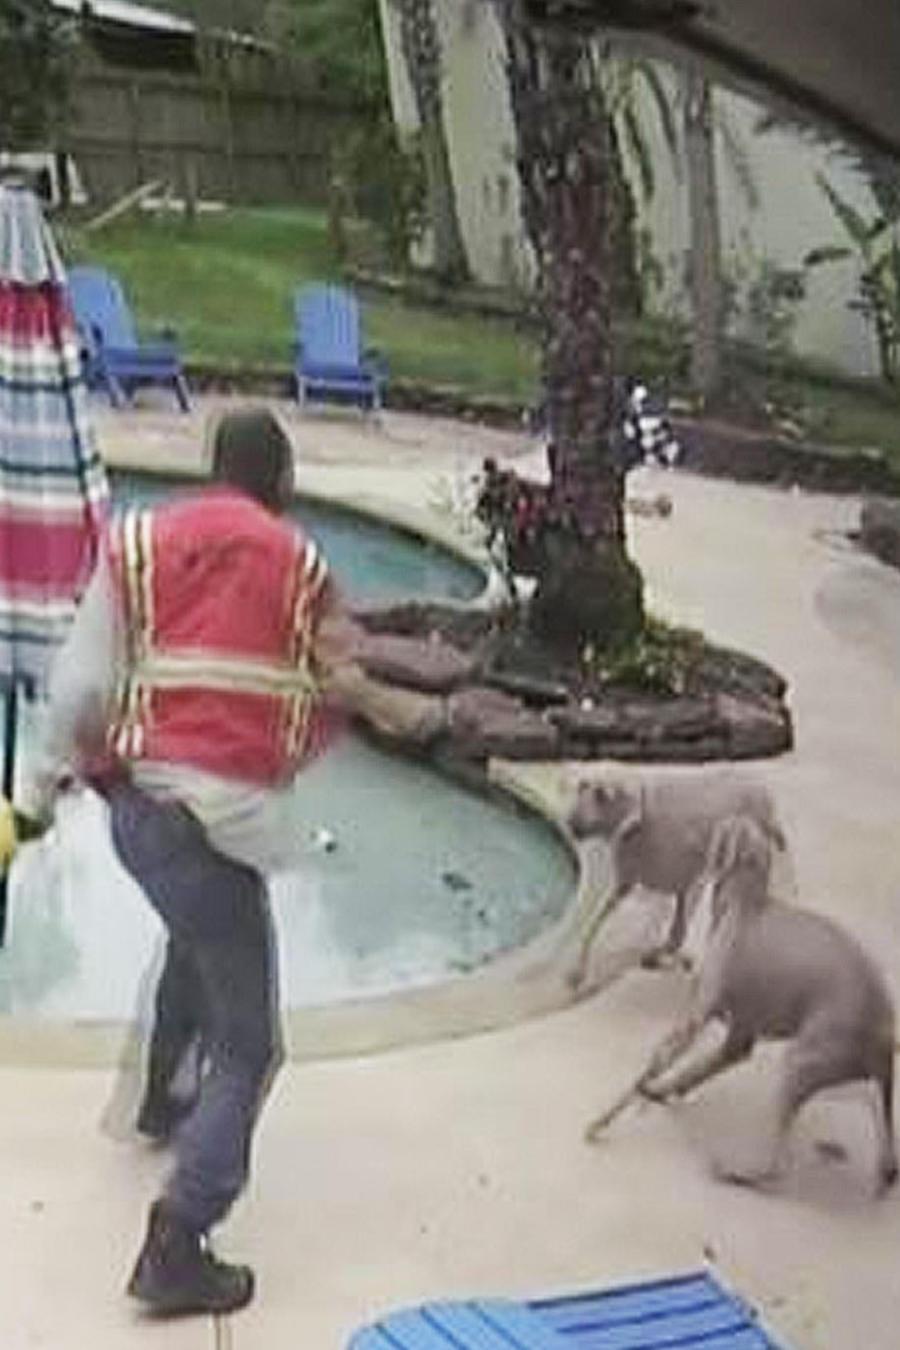 trabajador golpea perros